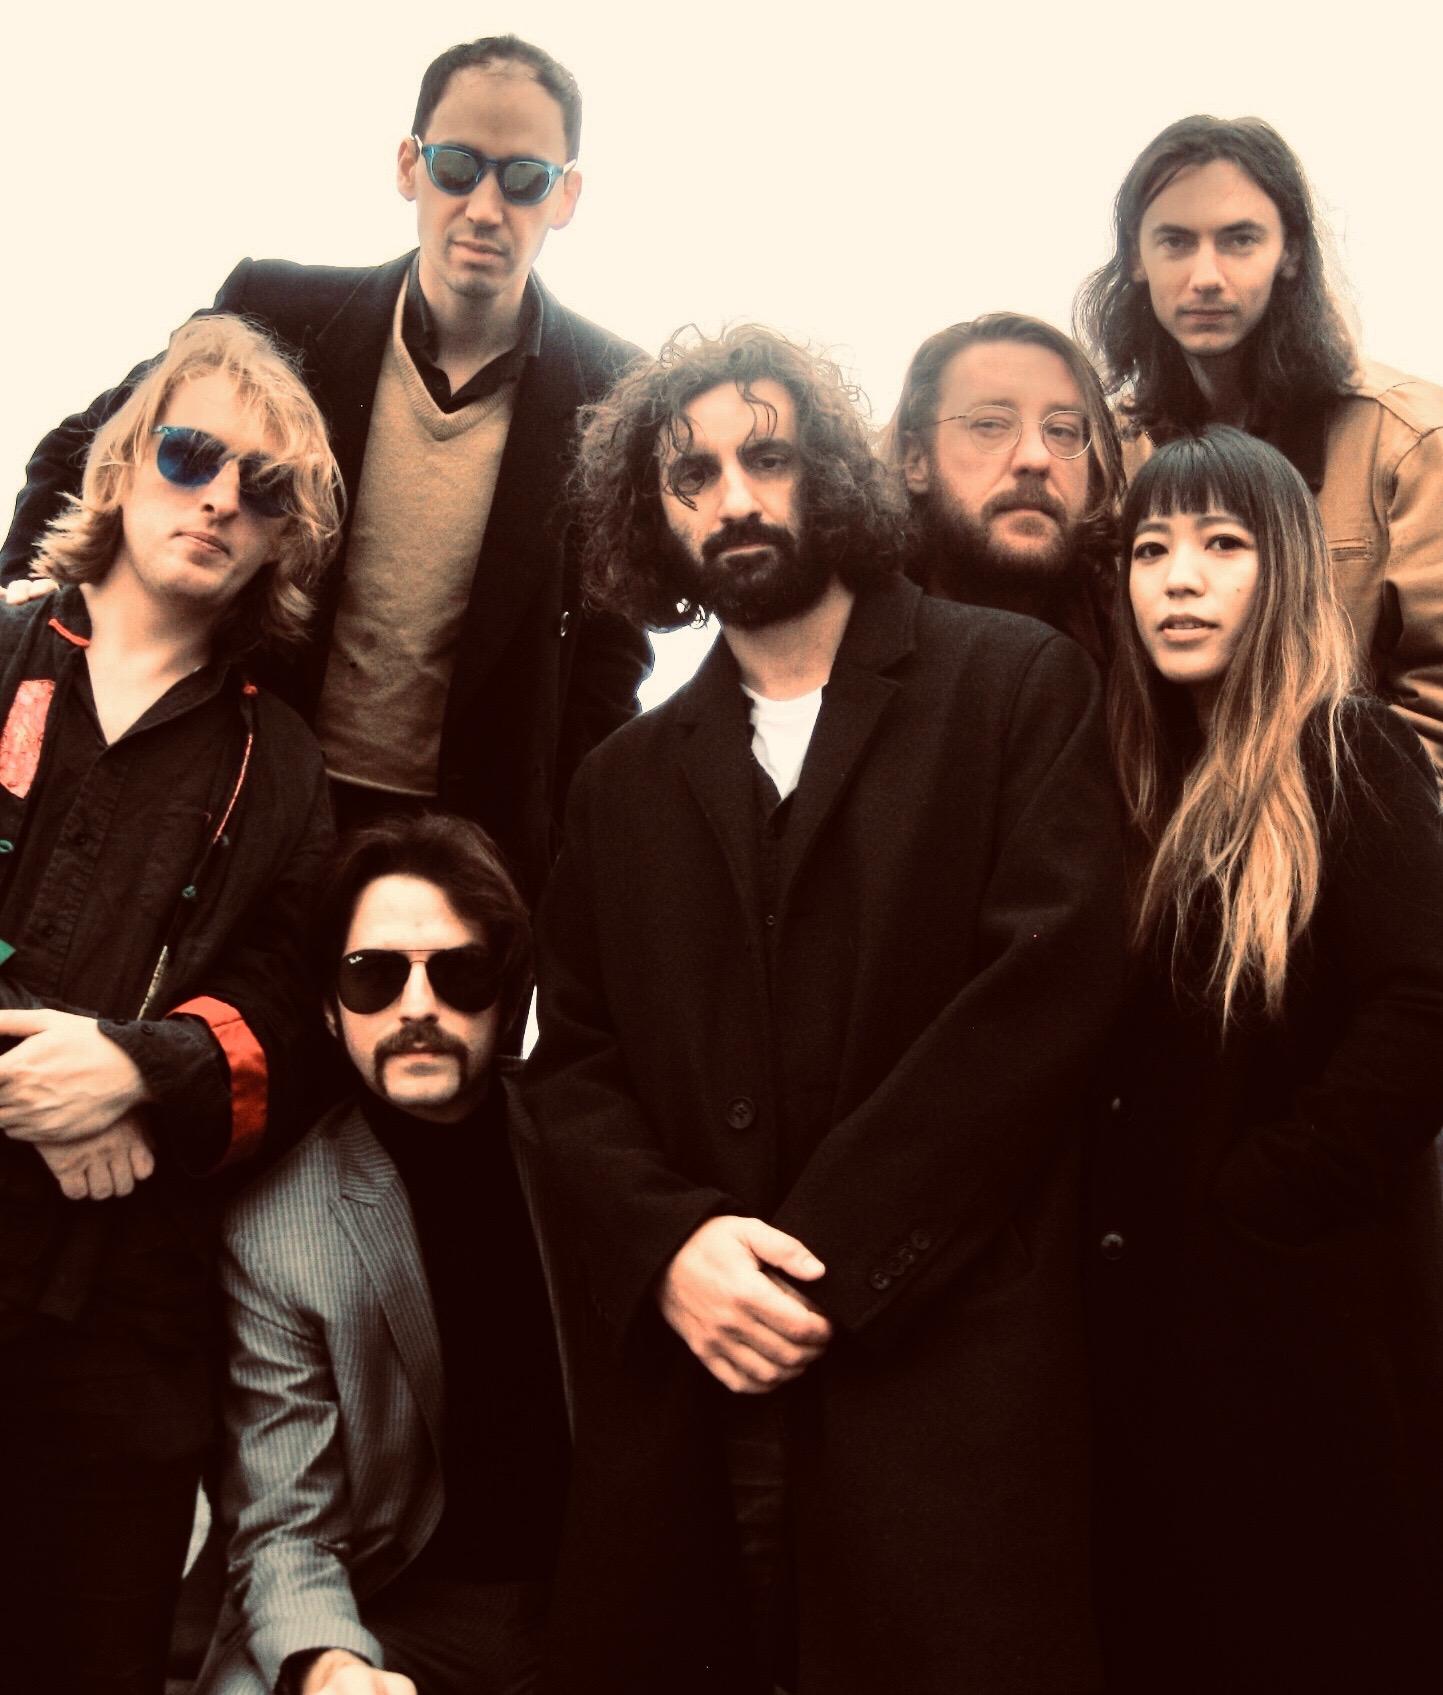 Mary Vision band